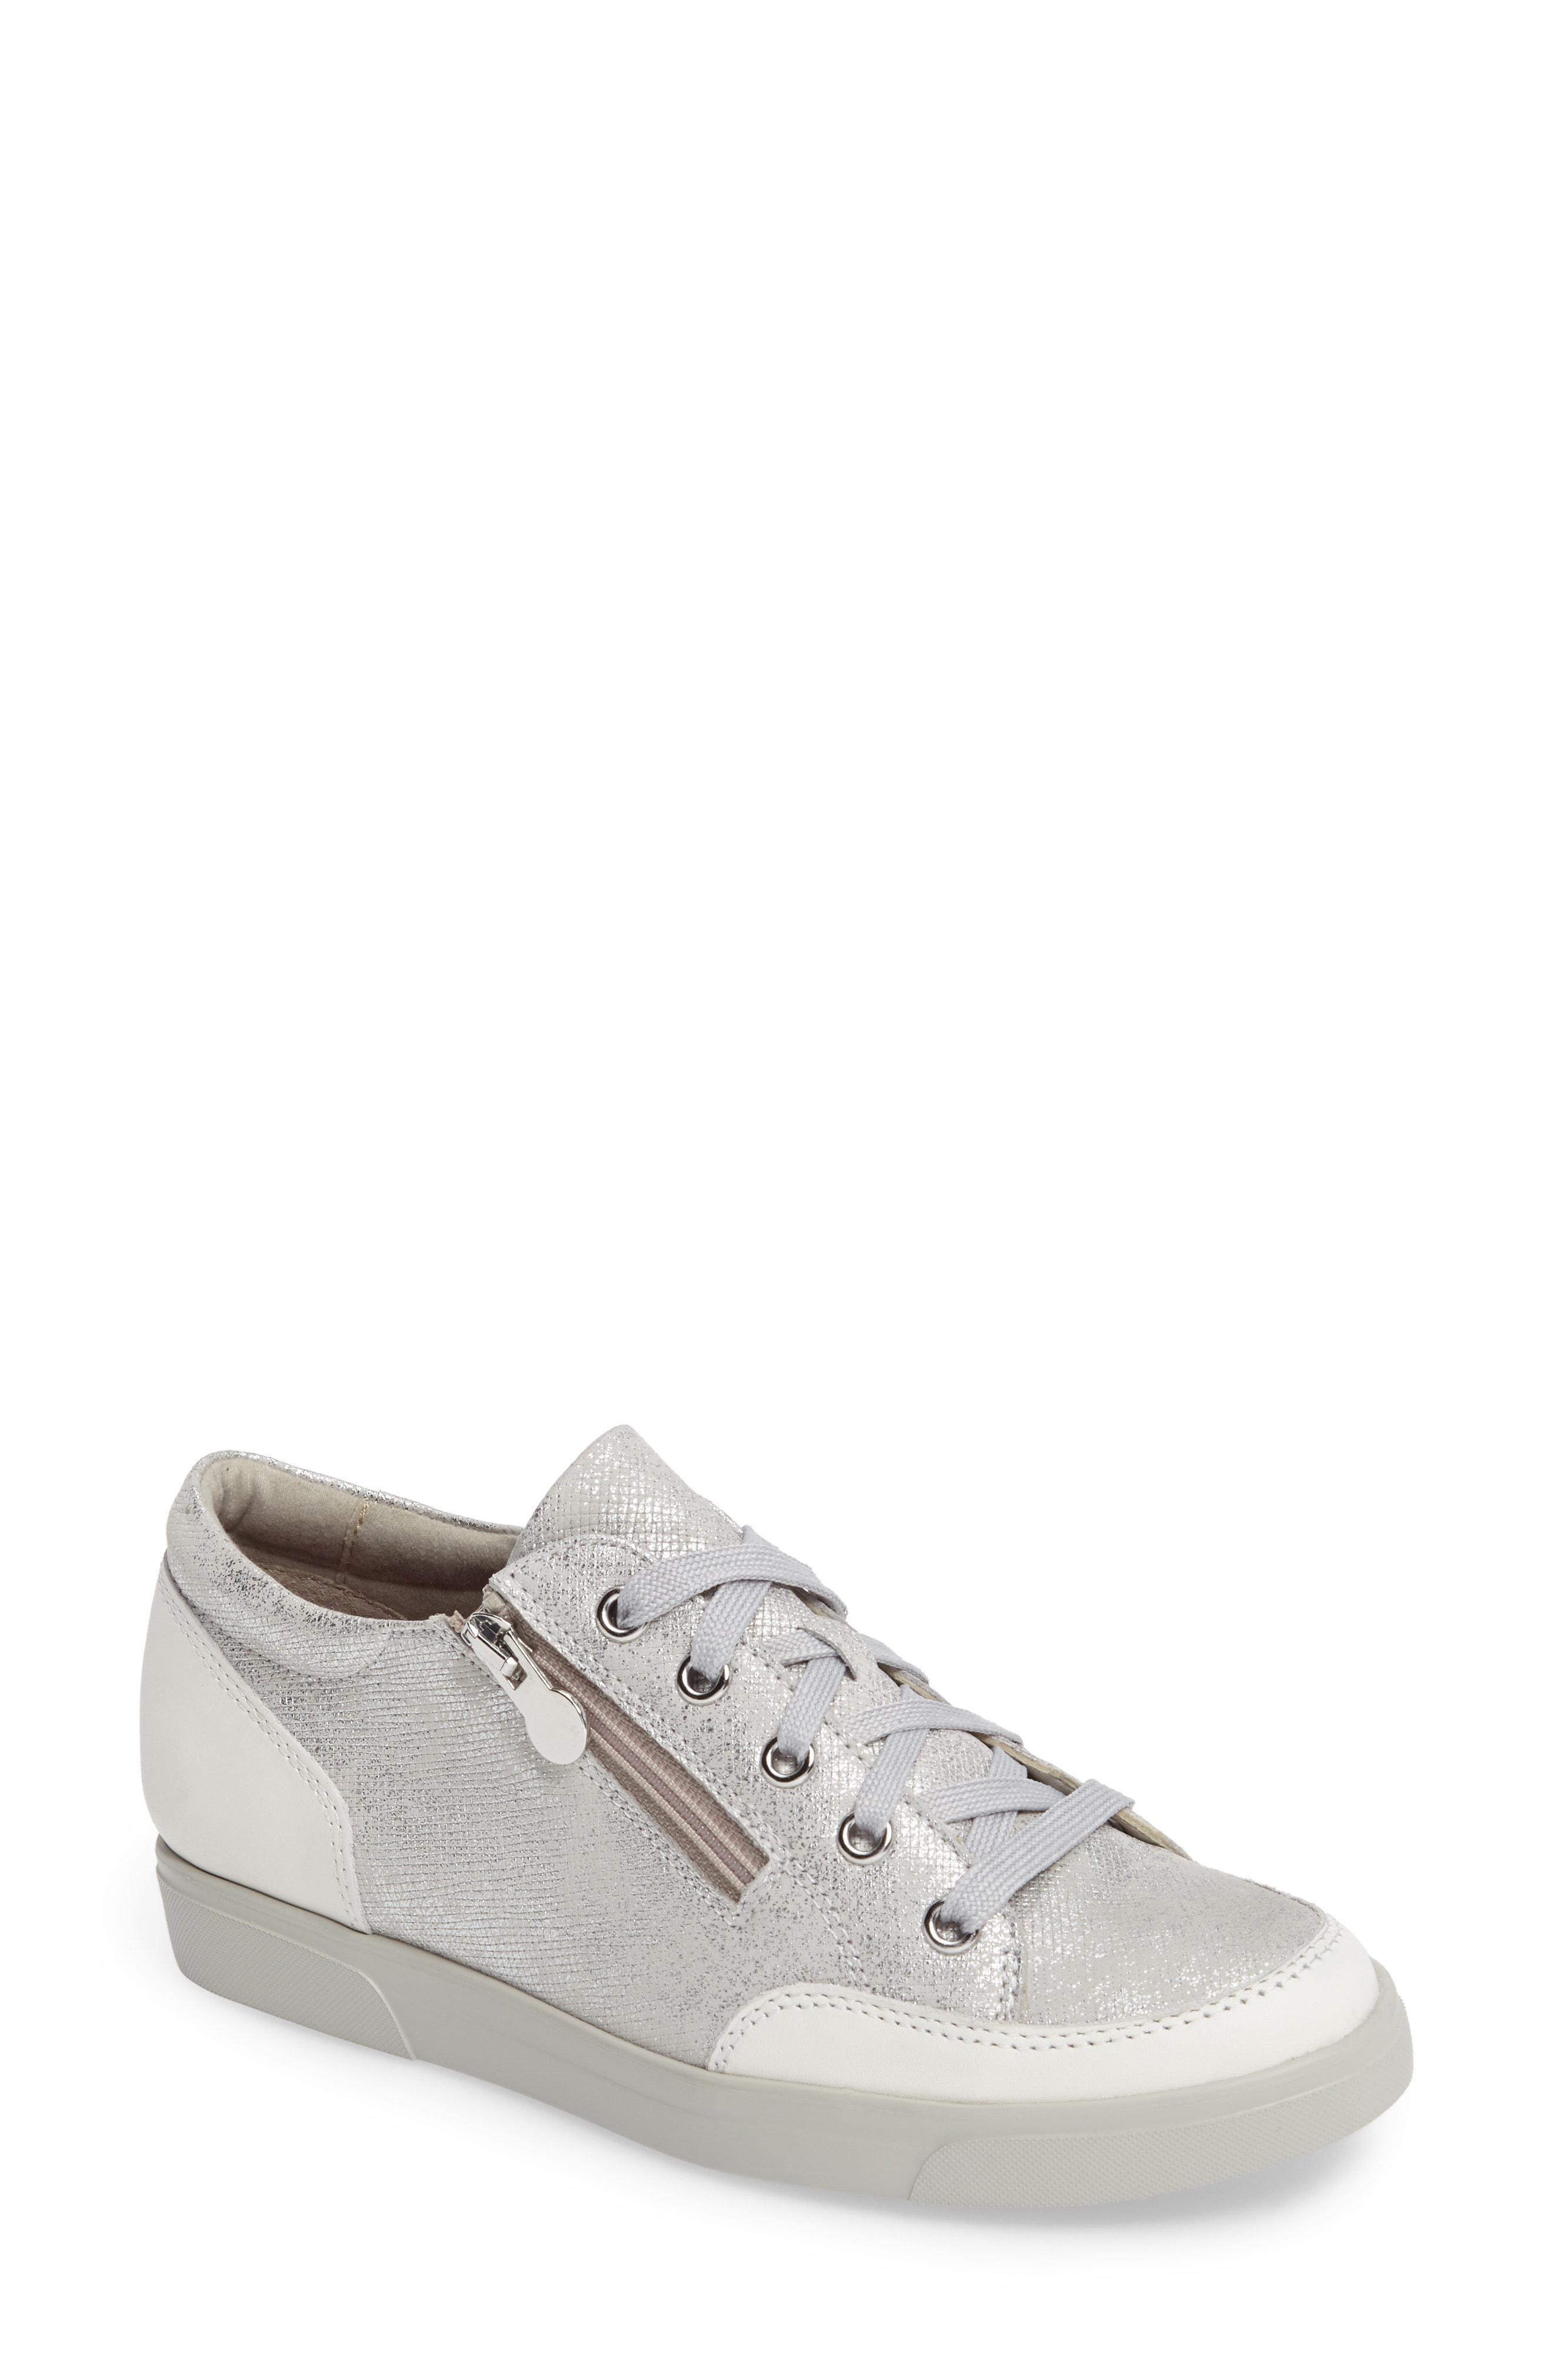 e5aaff1c6 Munro Gabbie Sneaker in White - Lyst